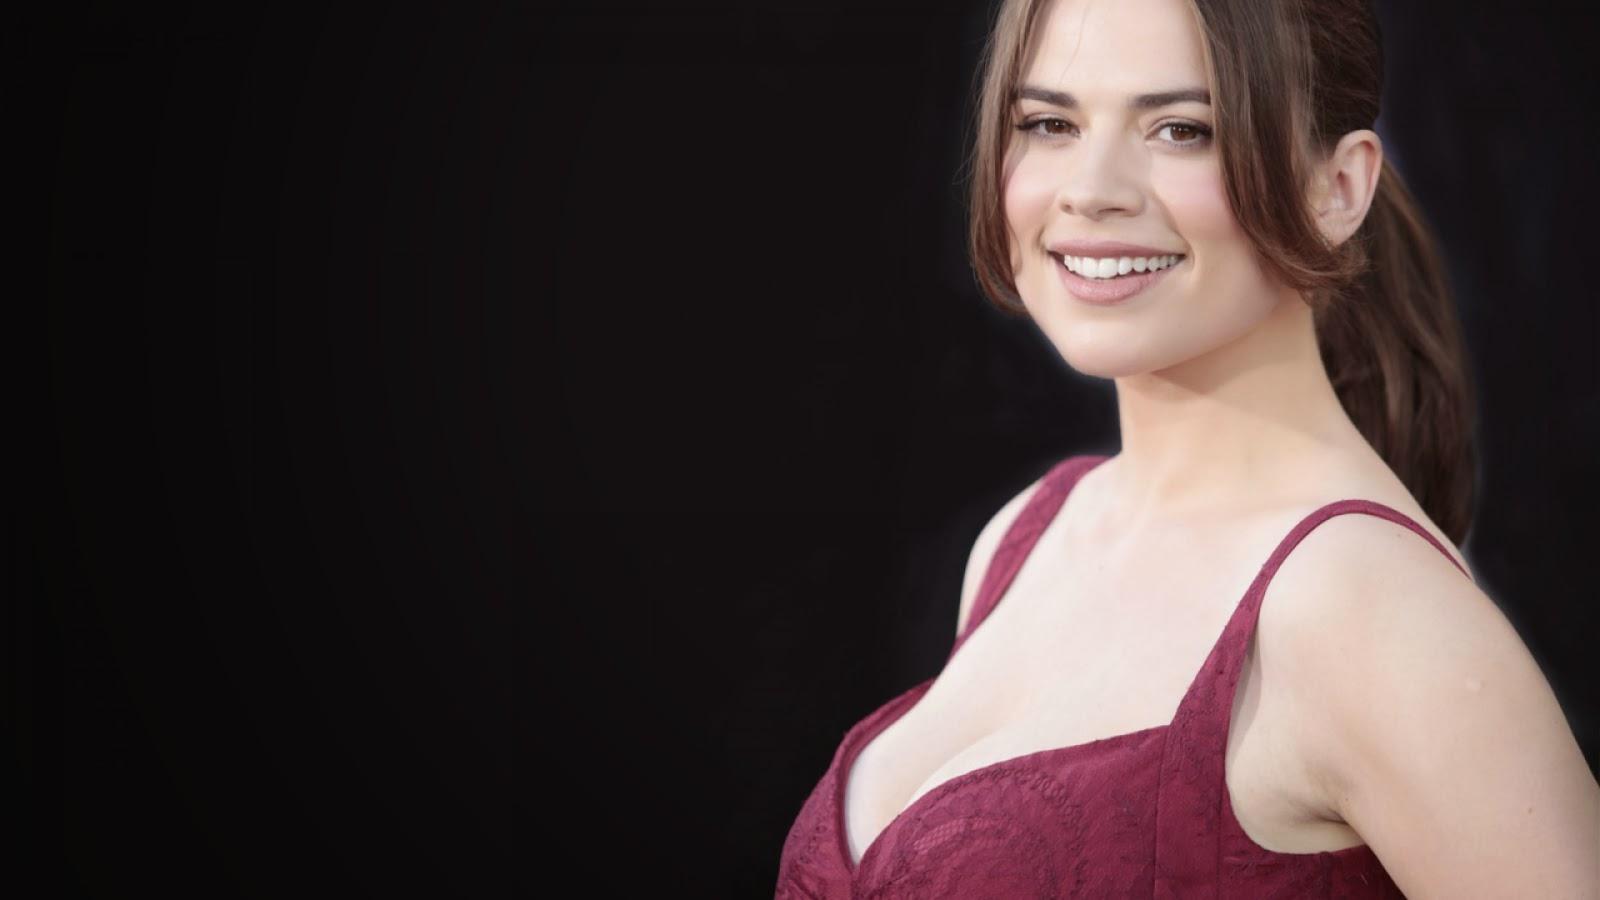 Хейли этвелл откровенное фото, голые знаменитости Хейли Этвелл (Hayley Atwell) Any 2 фотография